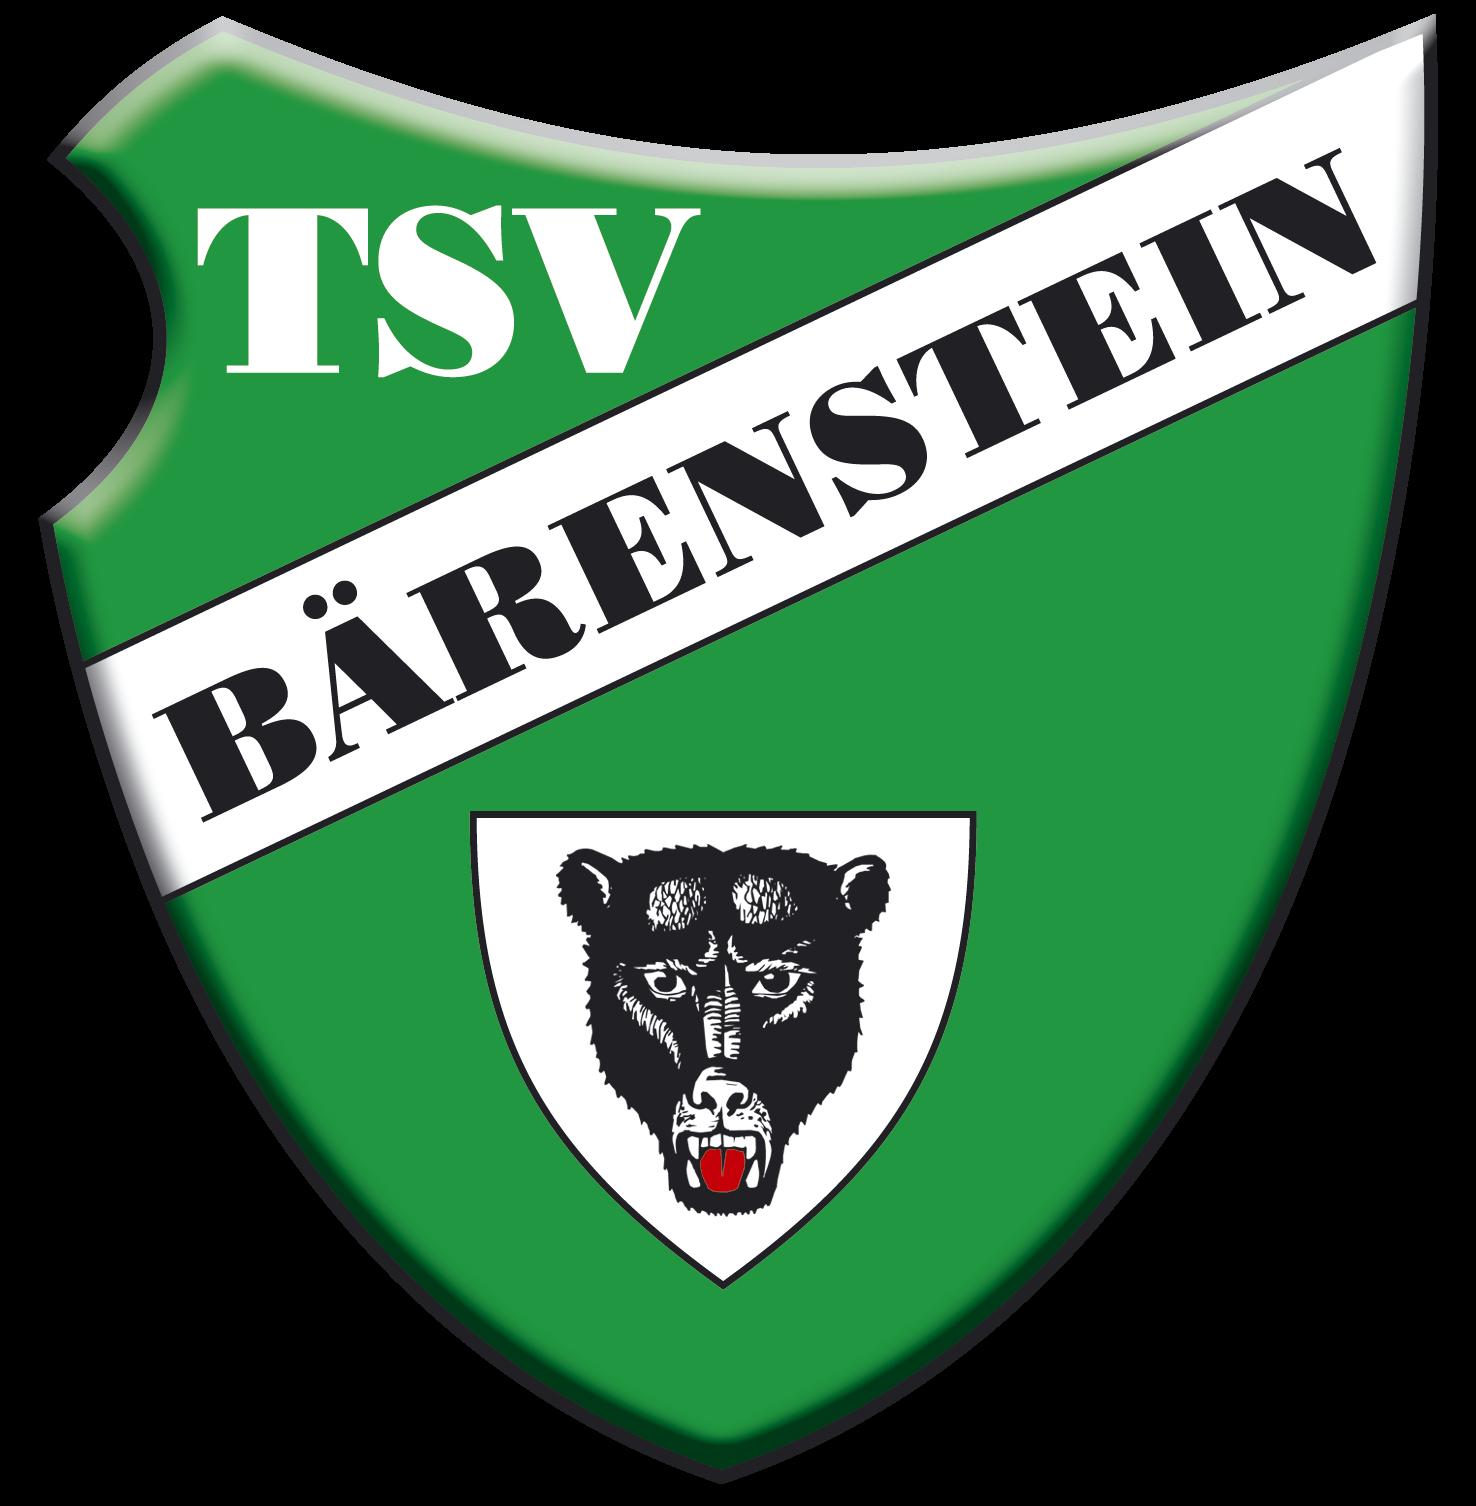 Wappen des TSV Bärenstein e.V.